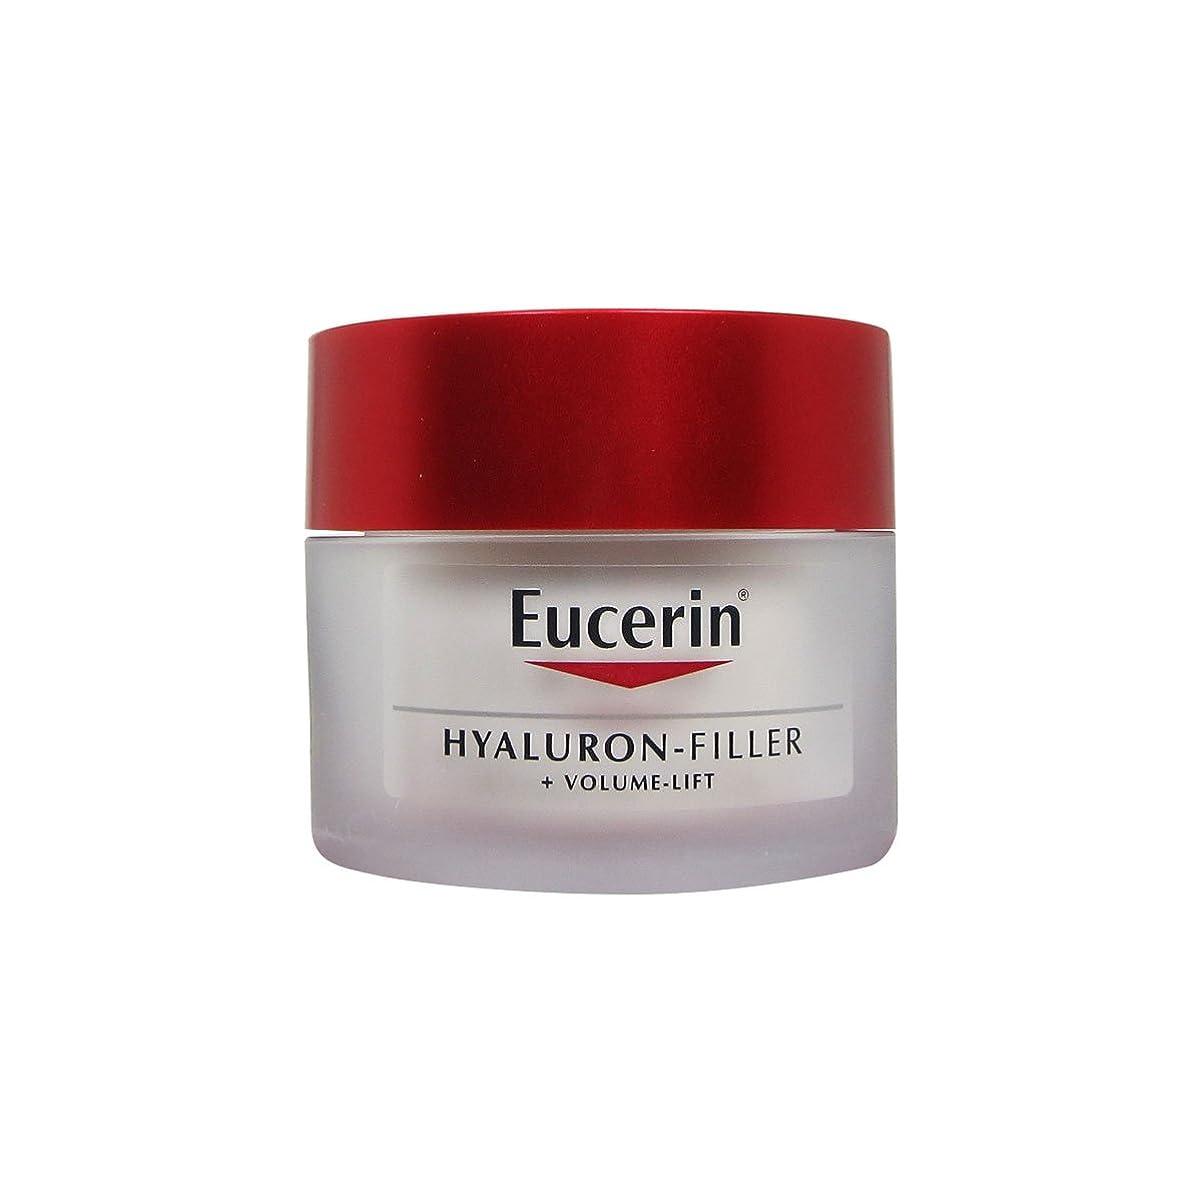 真向こう電子レンジゲストEucerin Hyaluron Filler + Volume Lift Day Cream Normal to Combination Skin 50ml